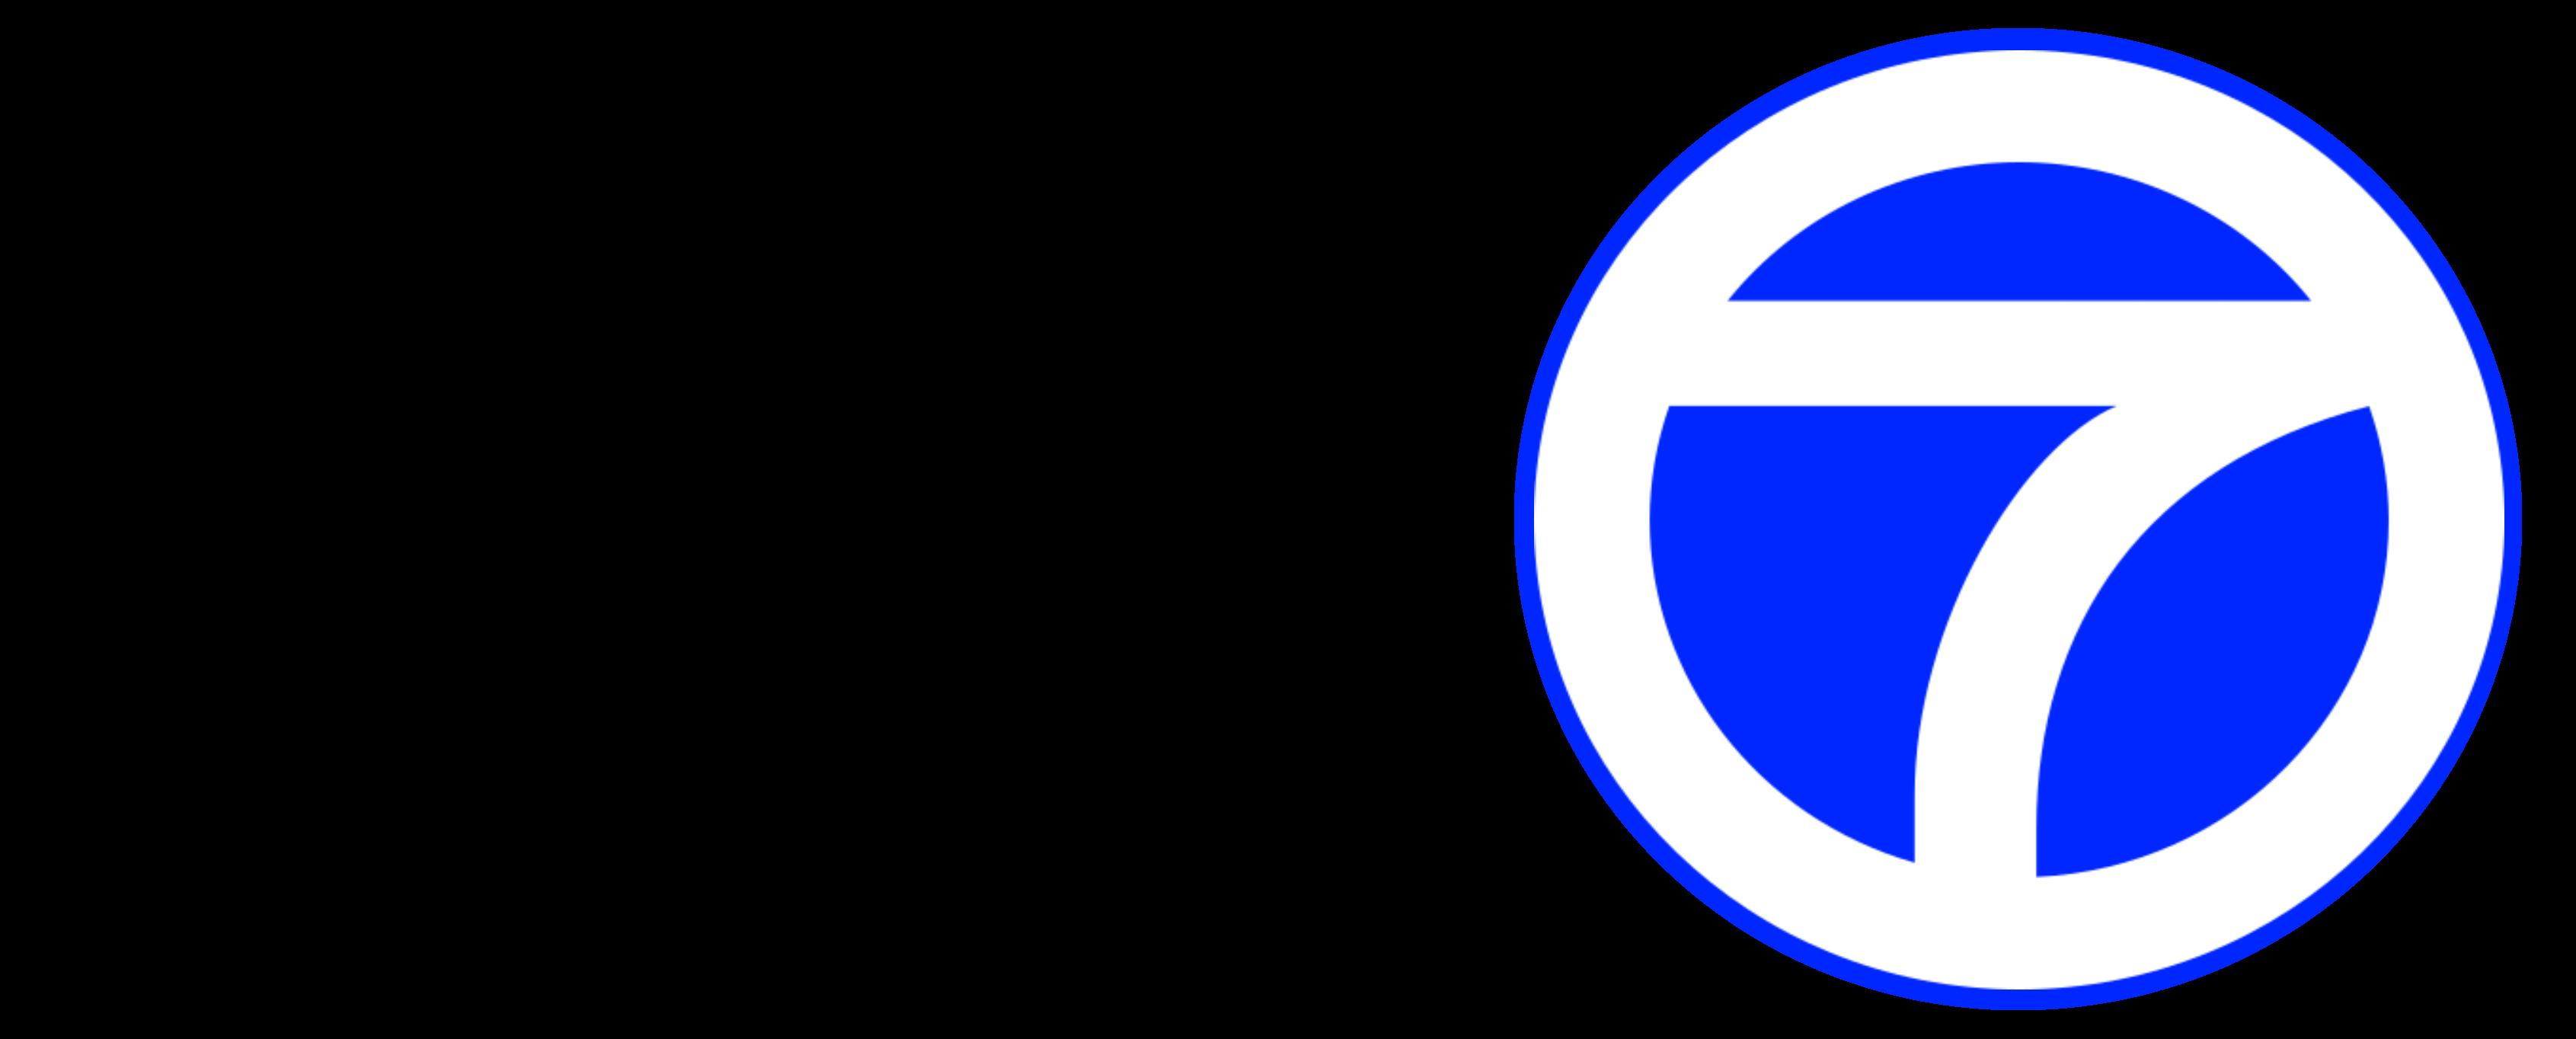 AlternateHistory.com's KGO logo #1.png